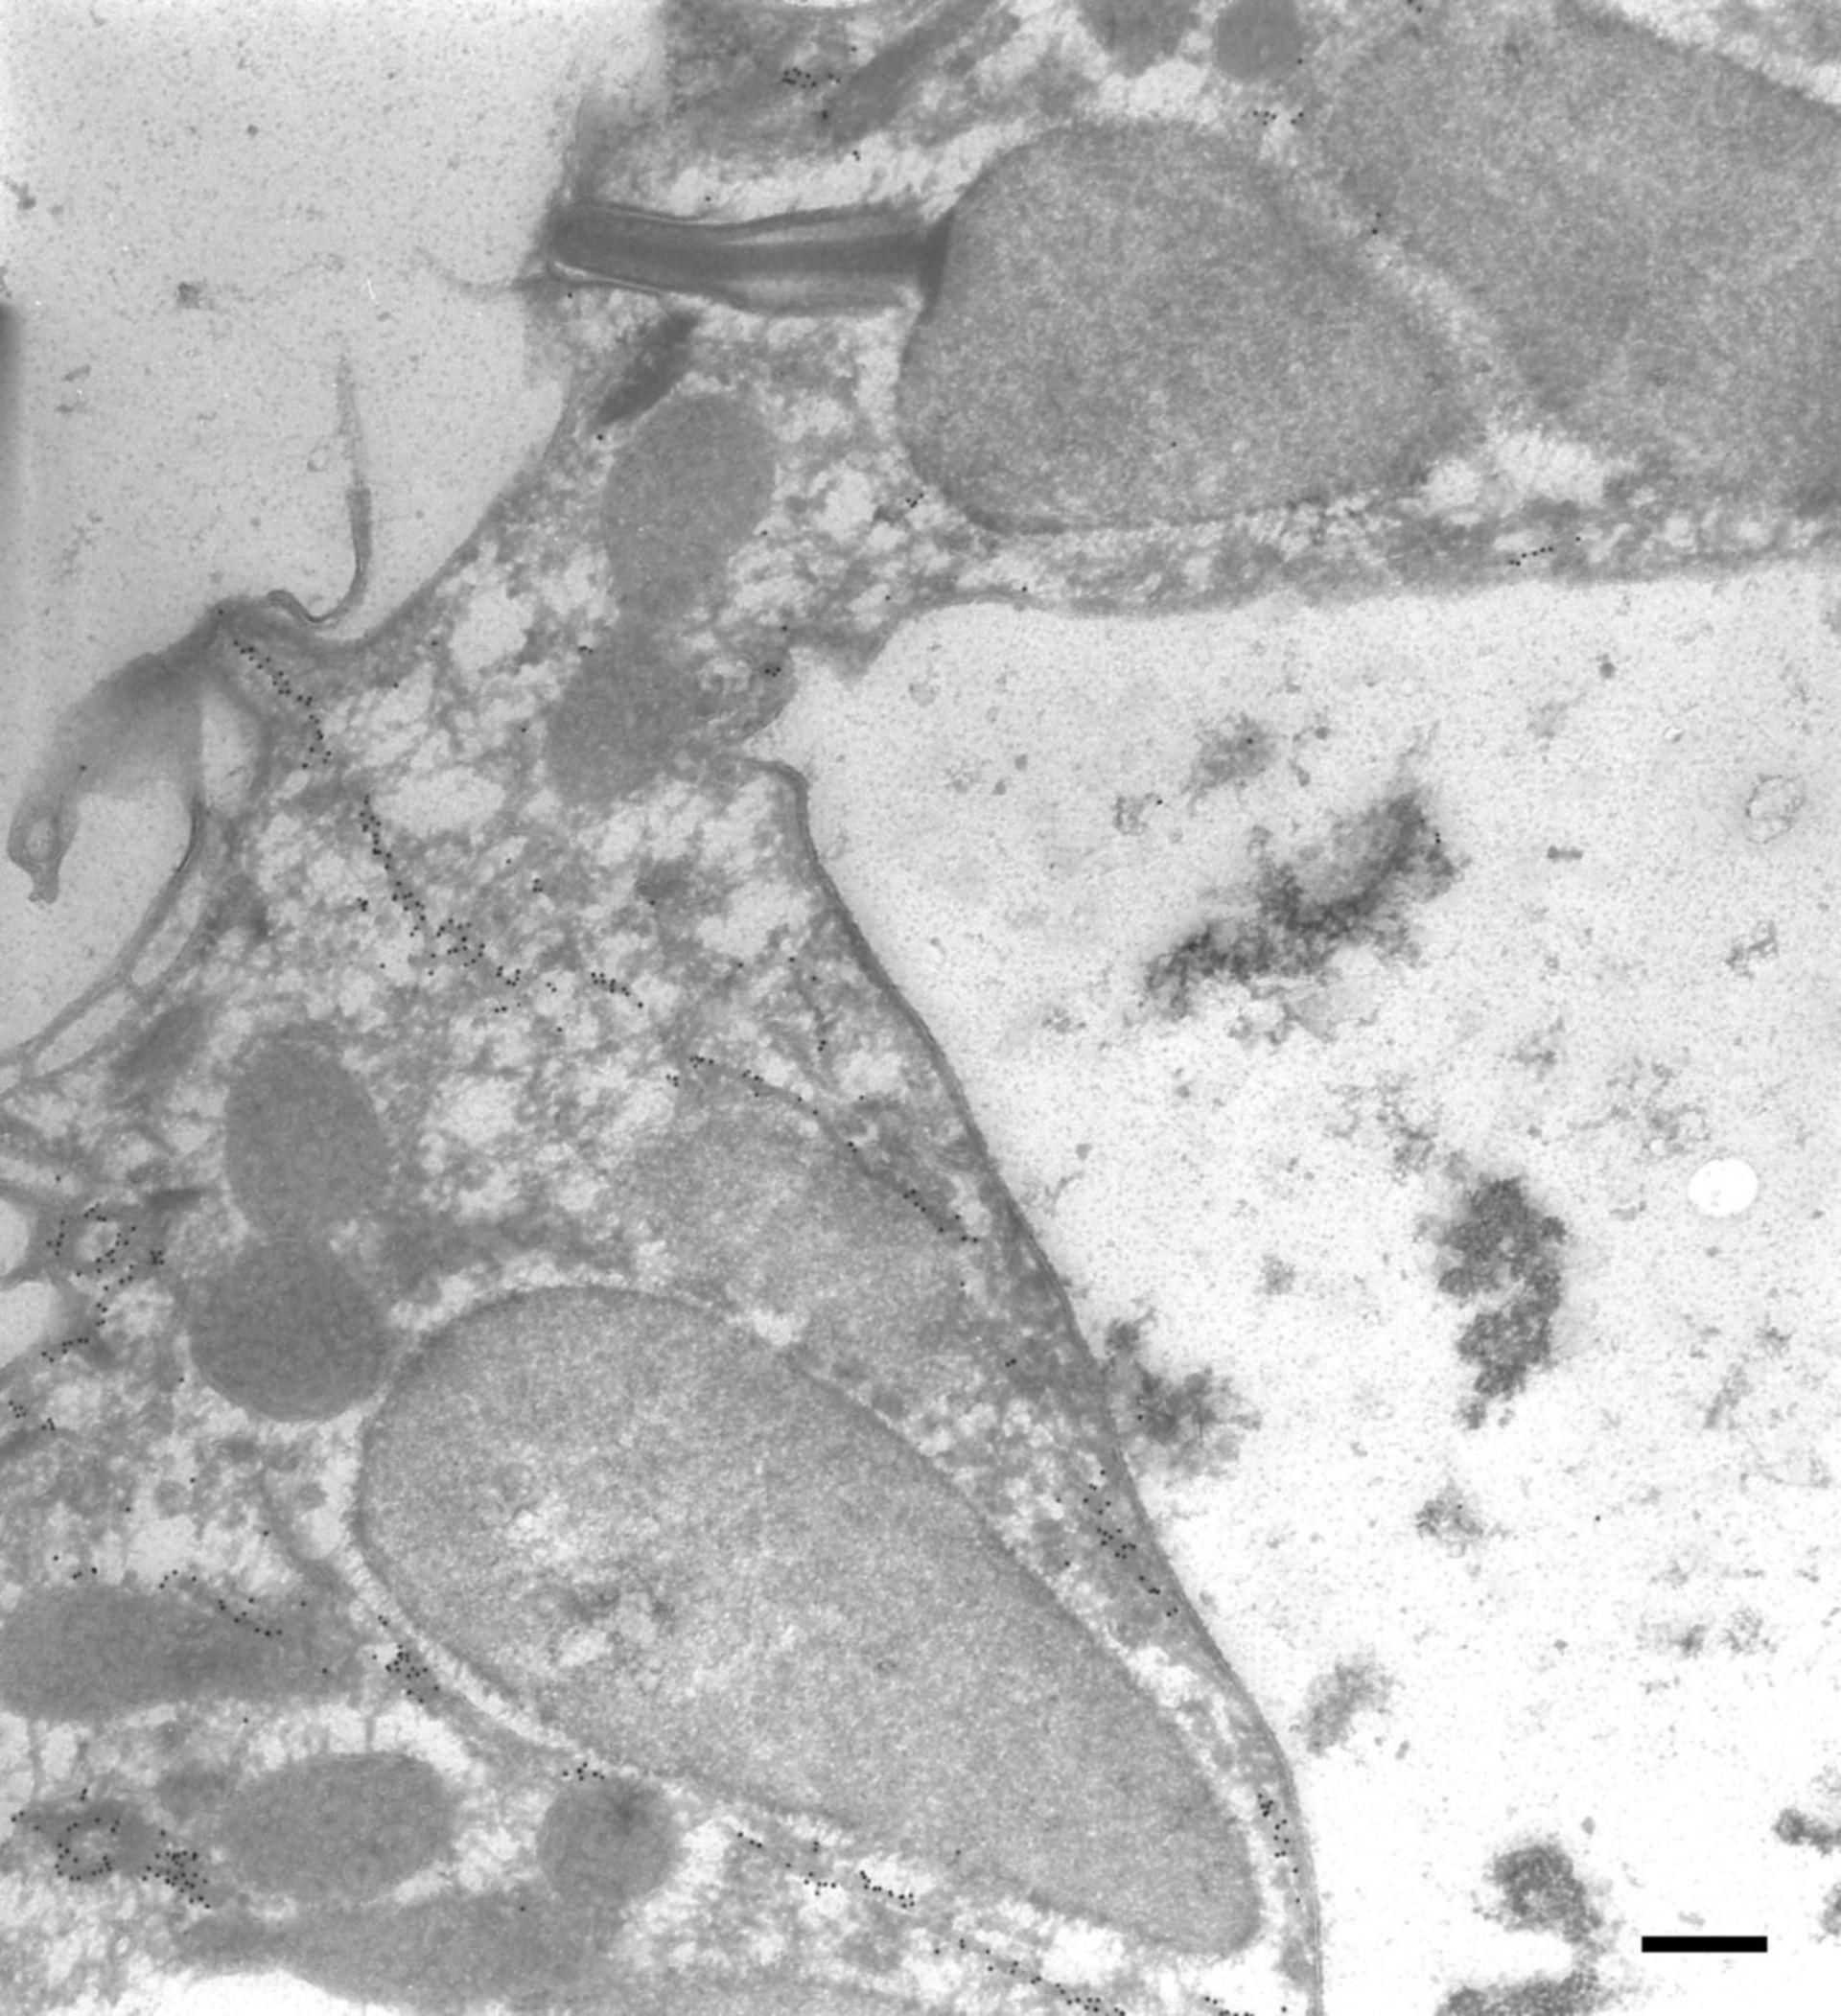 Paramecium tetraurelia (Microtubule) - CIL:9851